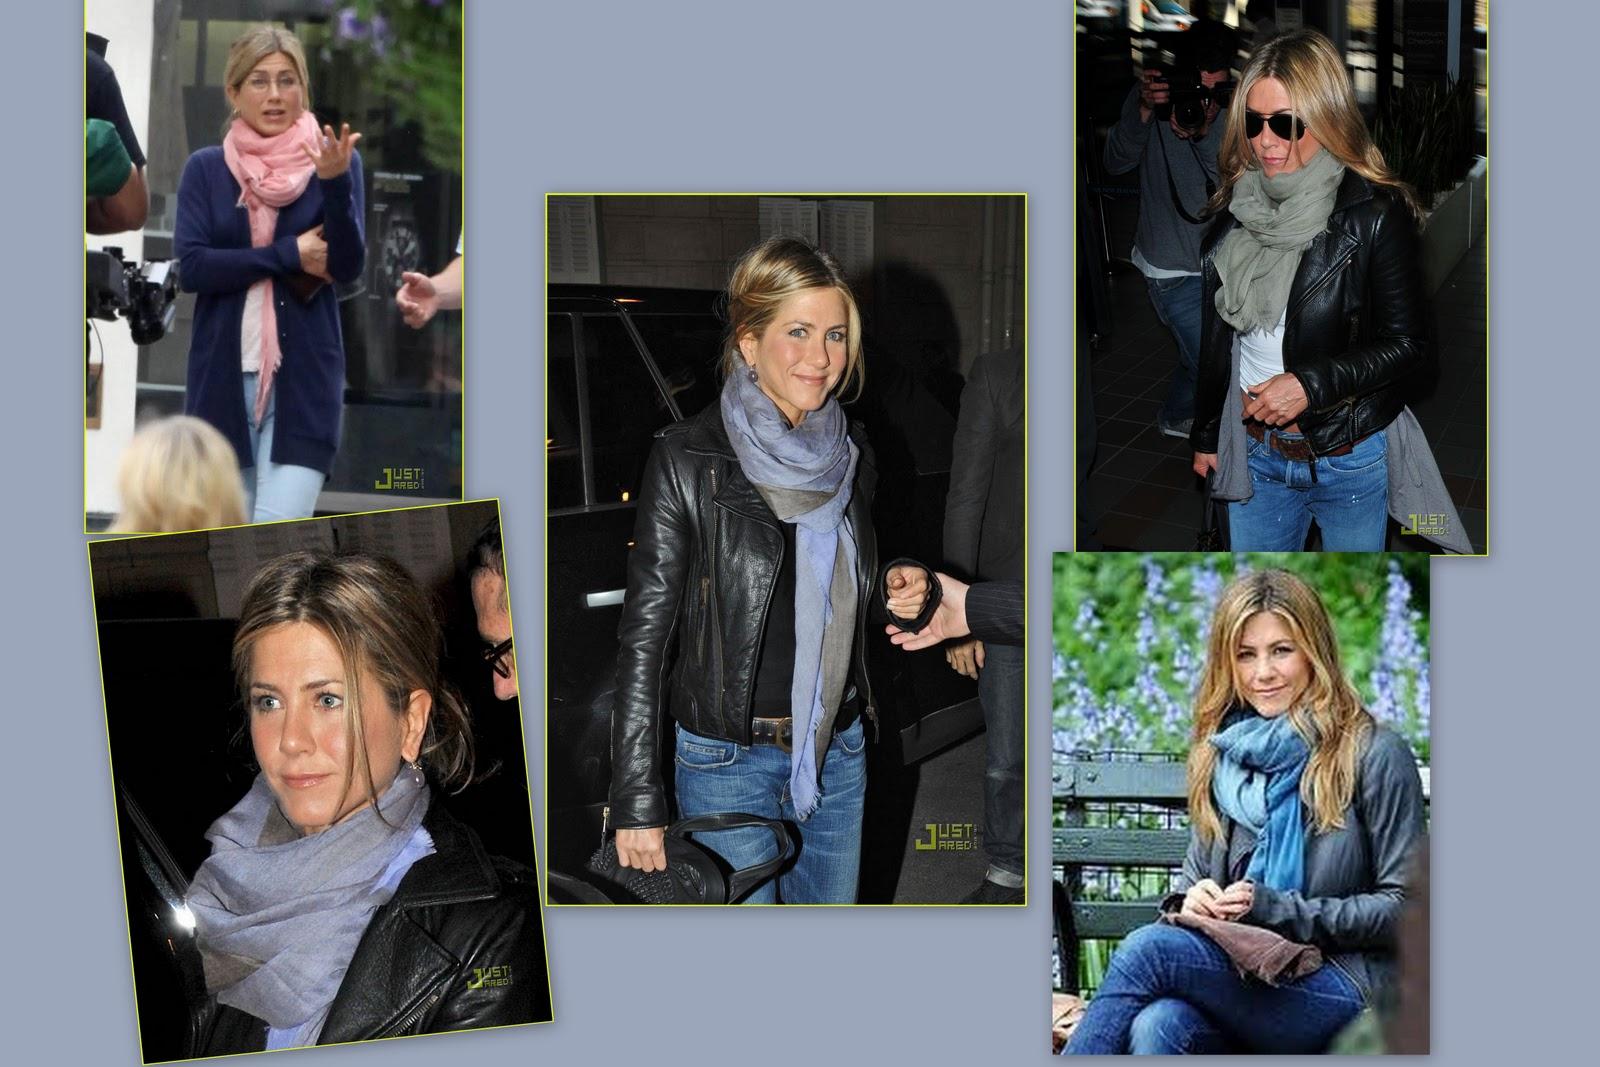 http://3.bp.blogspot.com/_bBhgvQJ1IOA/TGyu9GLQviI/AAAAAAAAATI/aj17qaEZHIQ/s1600/Colagem+frio+Jennifer+Aniston.jpg